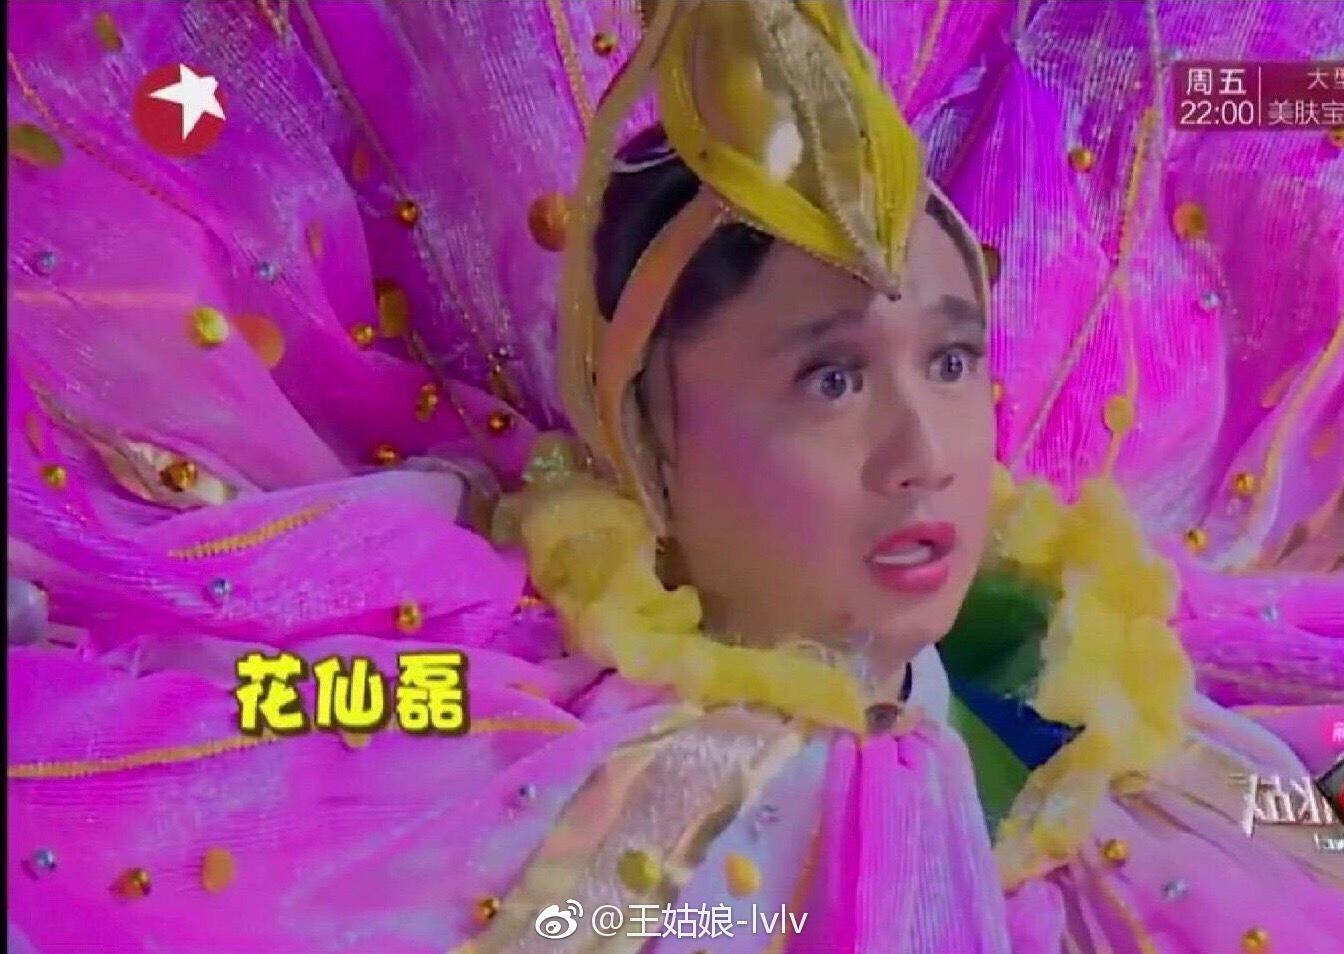 黄磊女儿多多化妆成名媛贵妇,所有人都没把这张脸认出来!